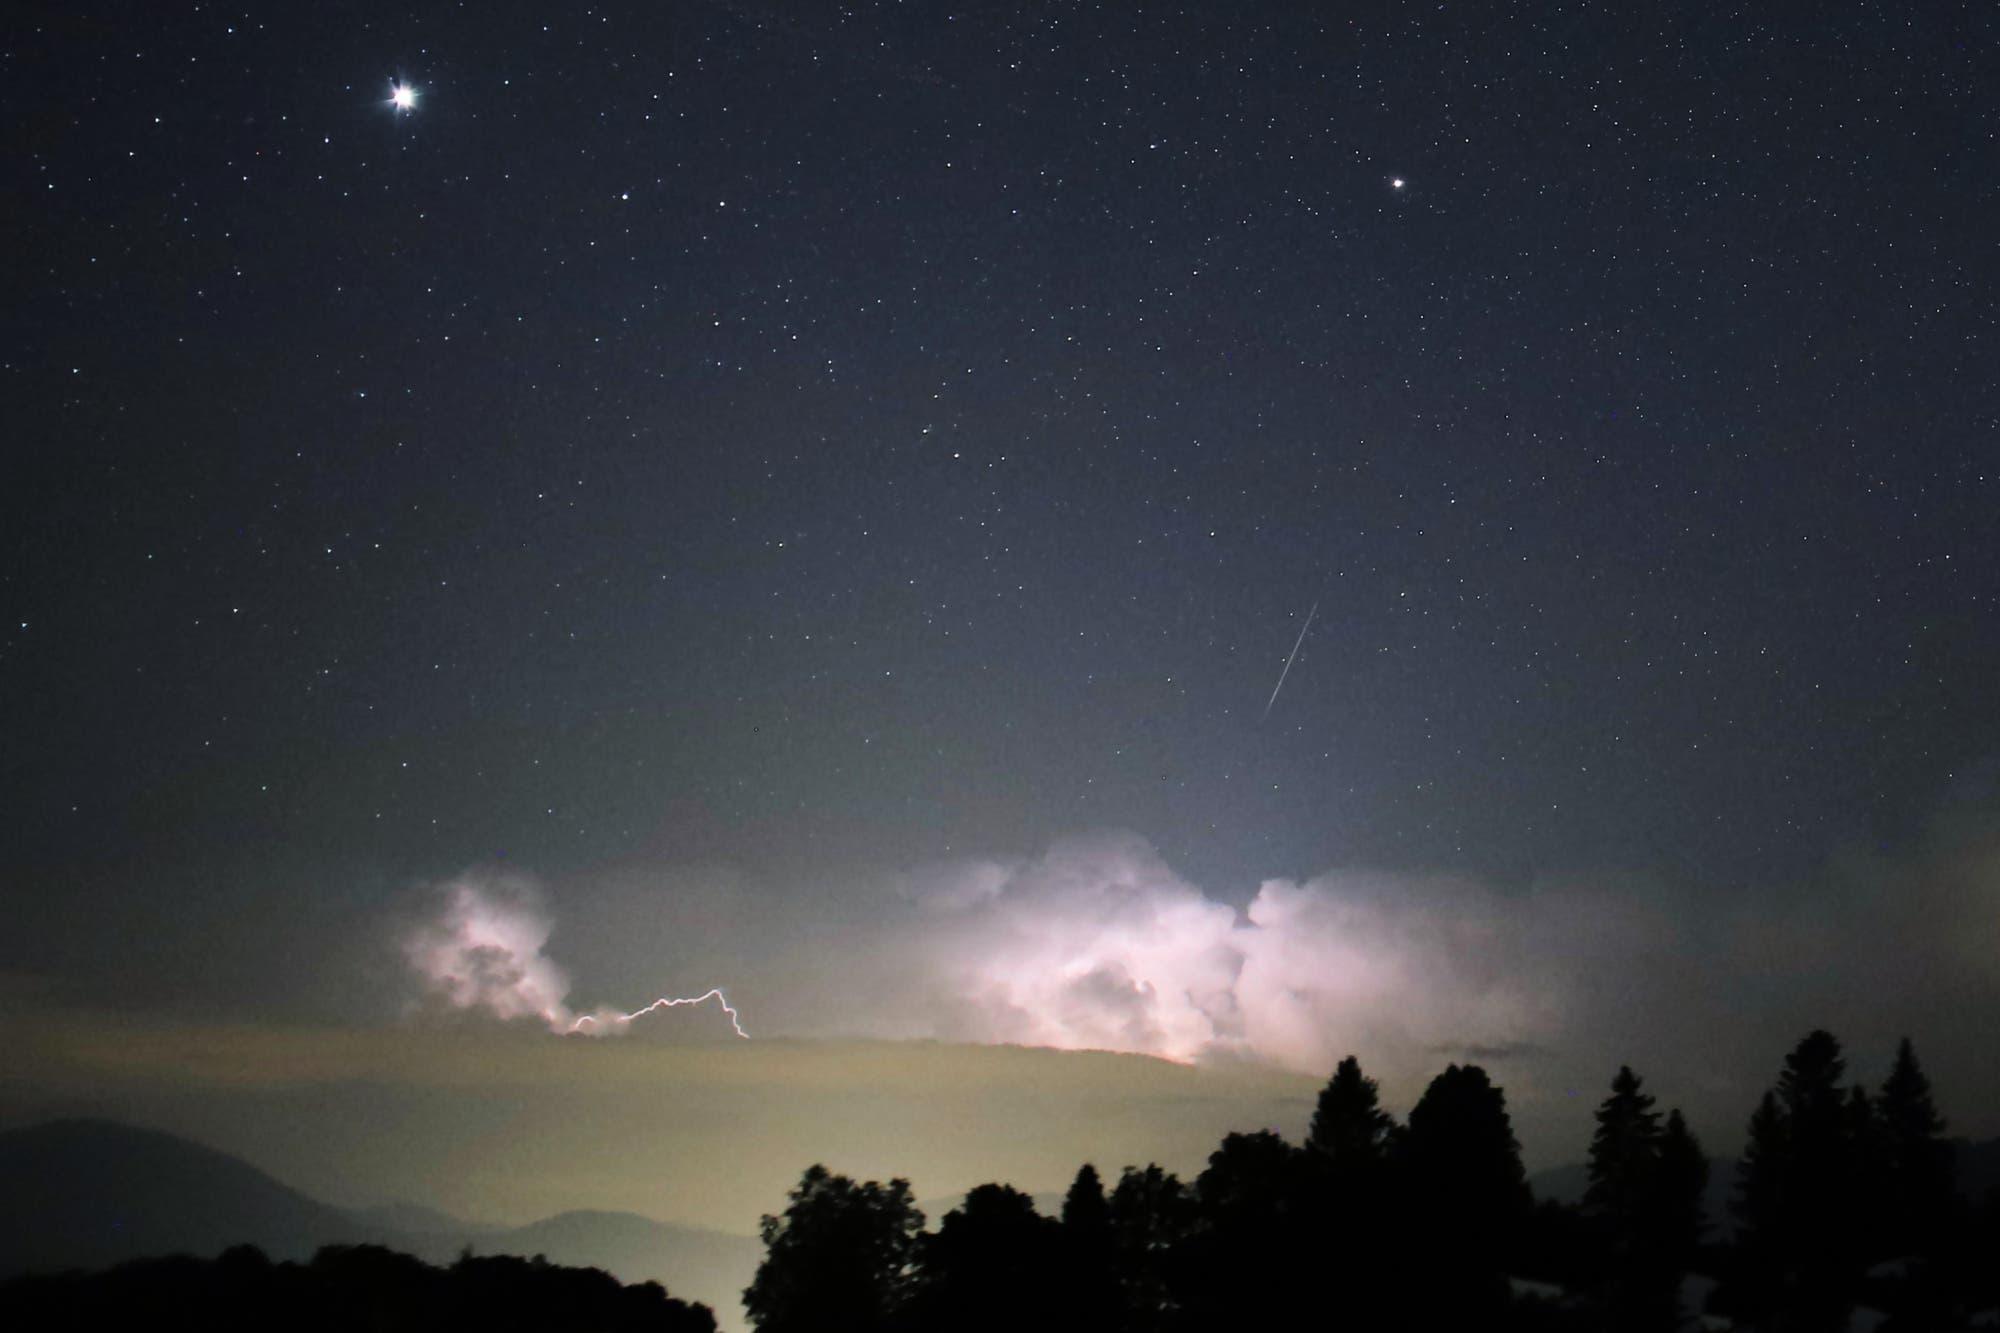 Zwei Planeten auf der Himmelsbühne